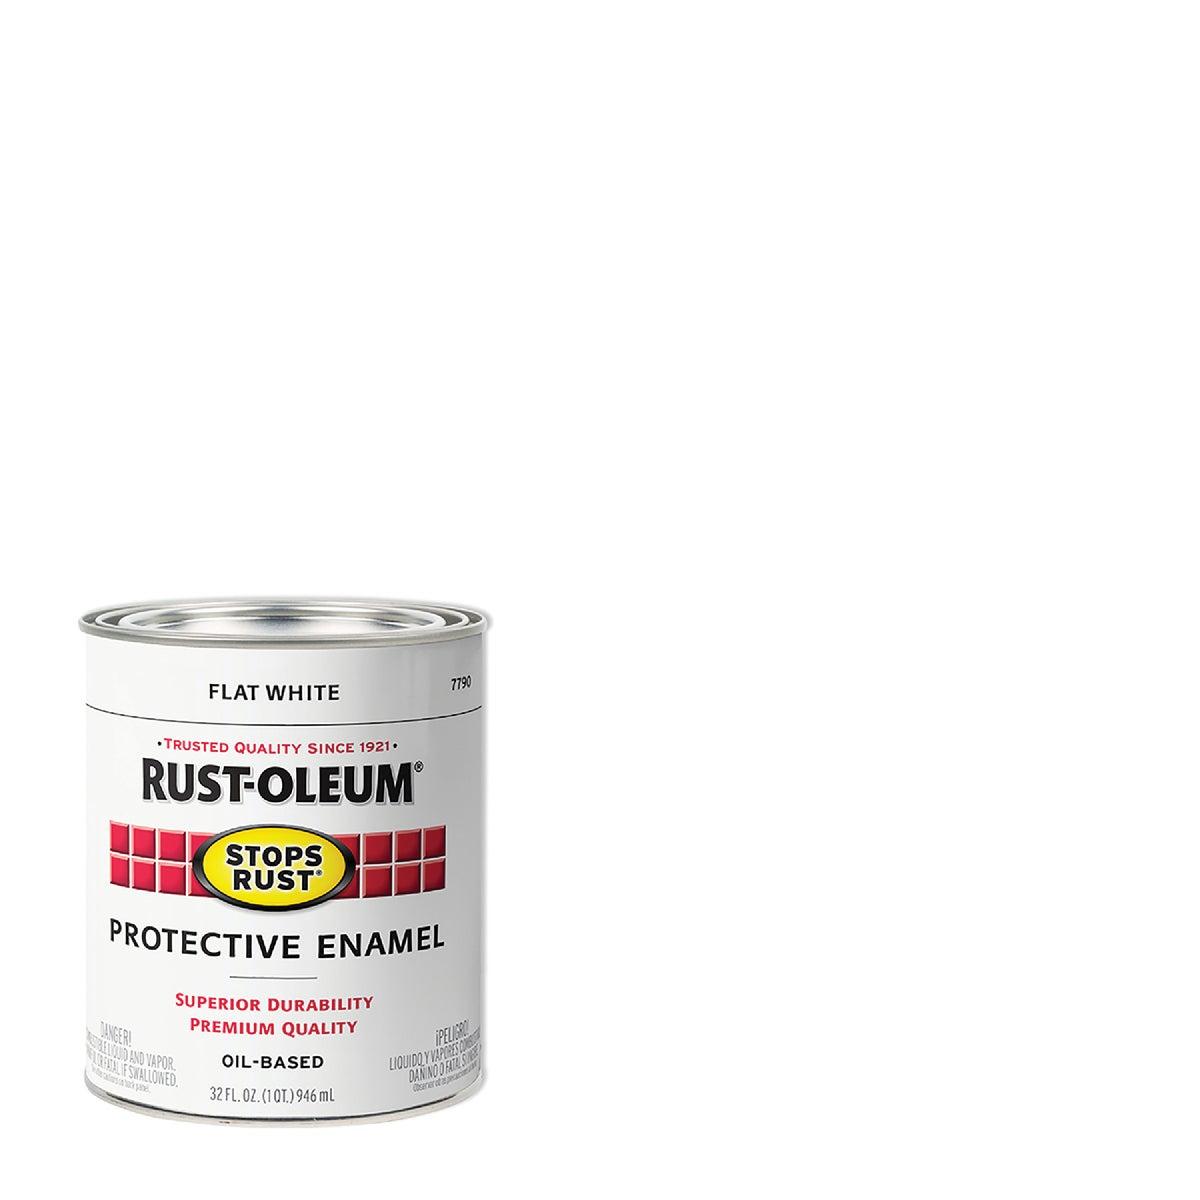 FLAT WHITE ENAMEL - 7790-502 by Rustoleum